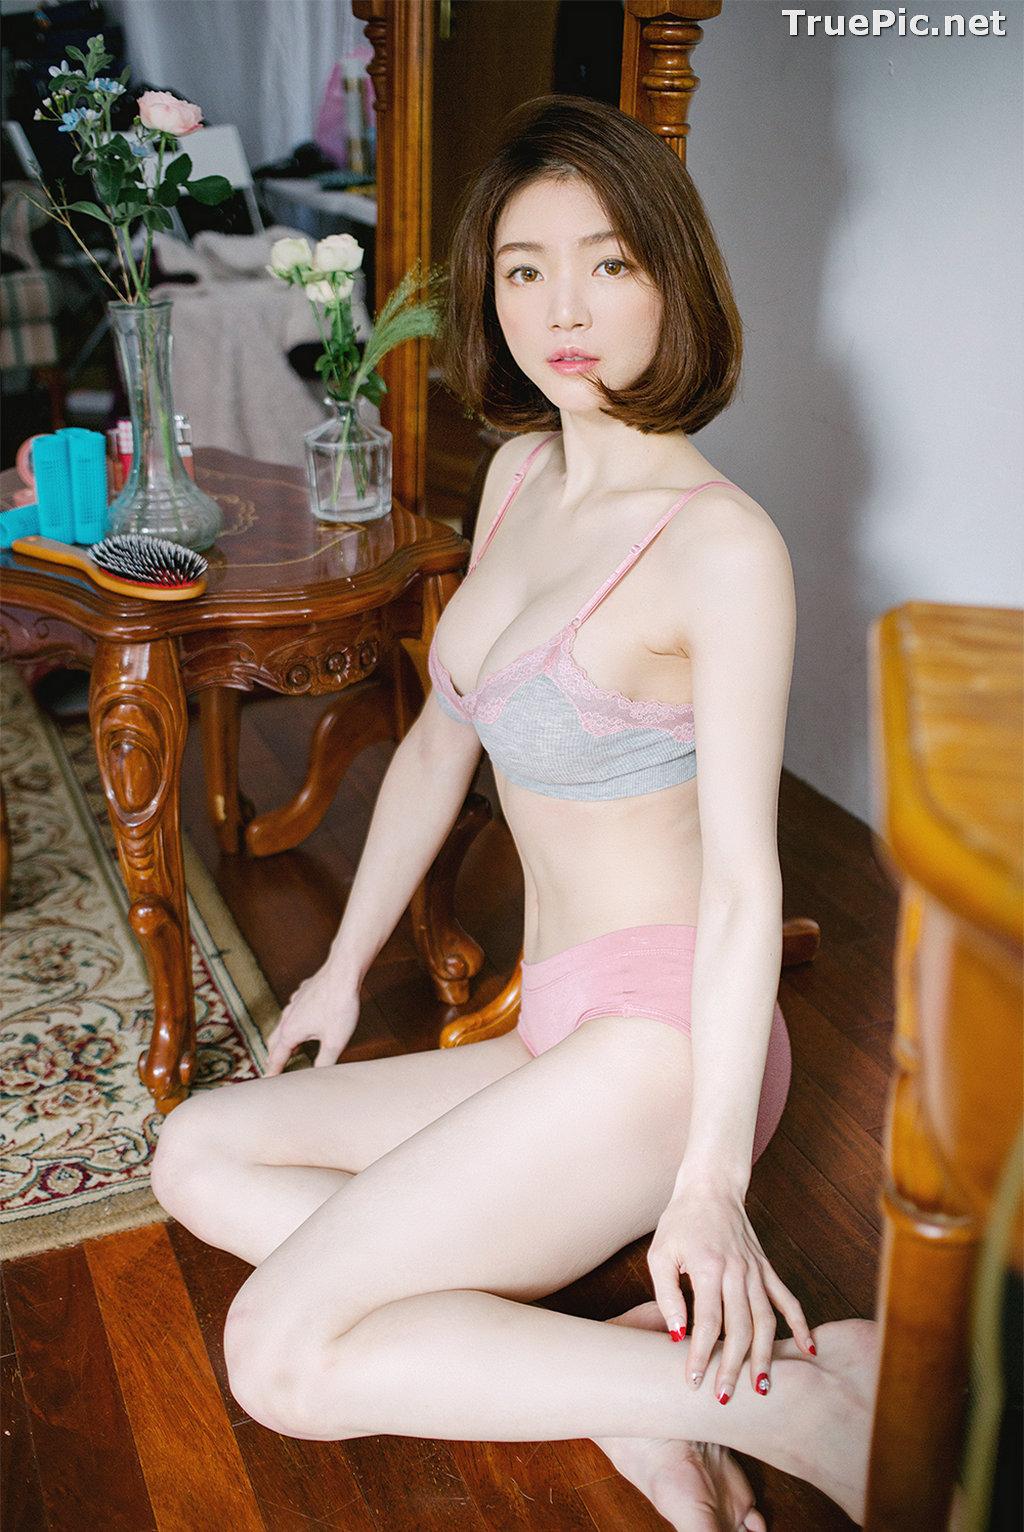 Image Korean Fashion Model - Lee Ho Sin - Laralette Gray Lingerie - TruePic.net - Picture-2